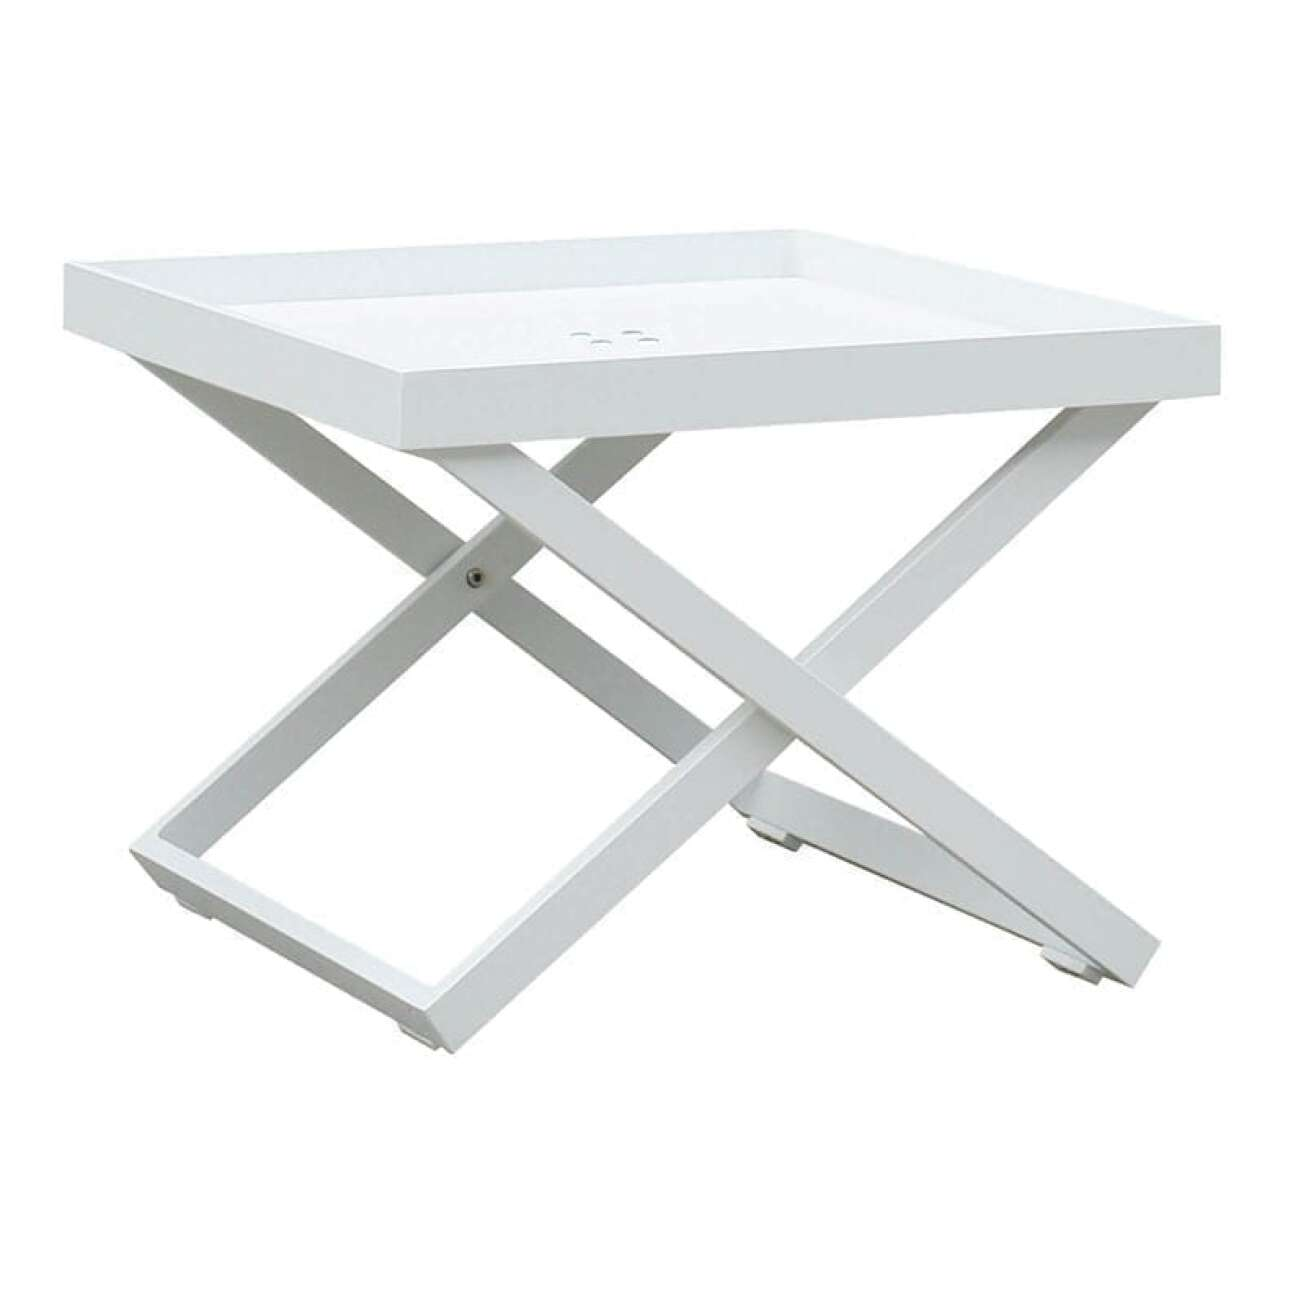 Gardenart Sidebord I Hvit Aluminium (100524hvit) Hagemøbler og utemøbler - Fine design